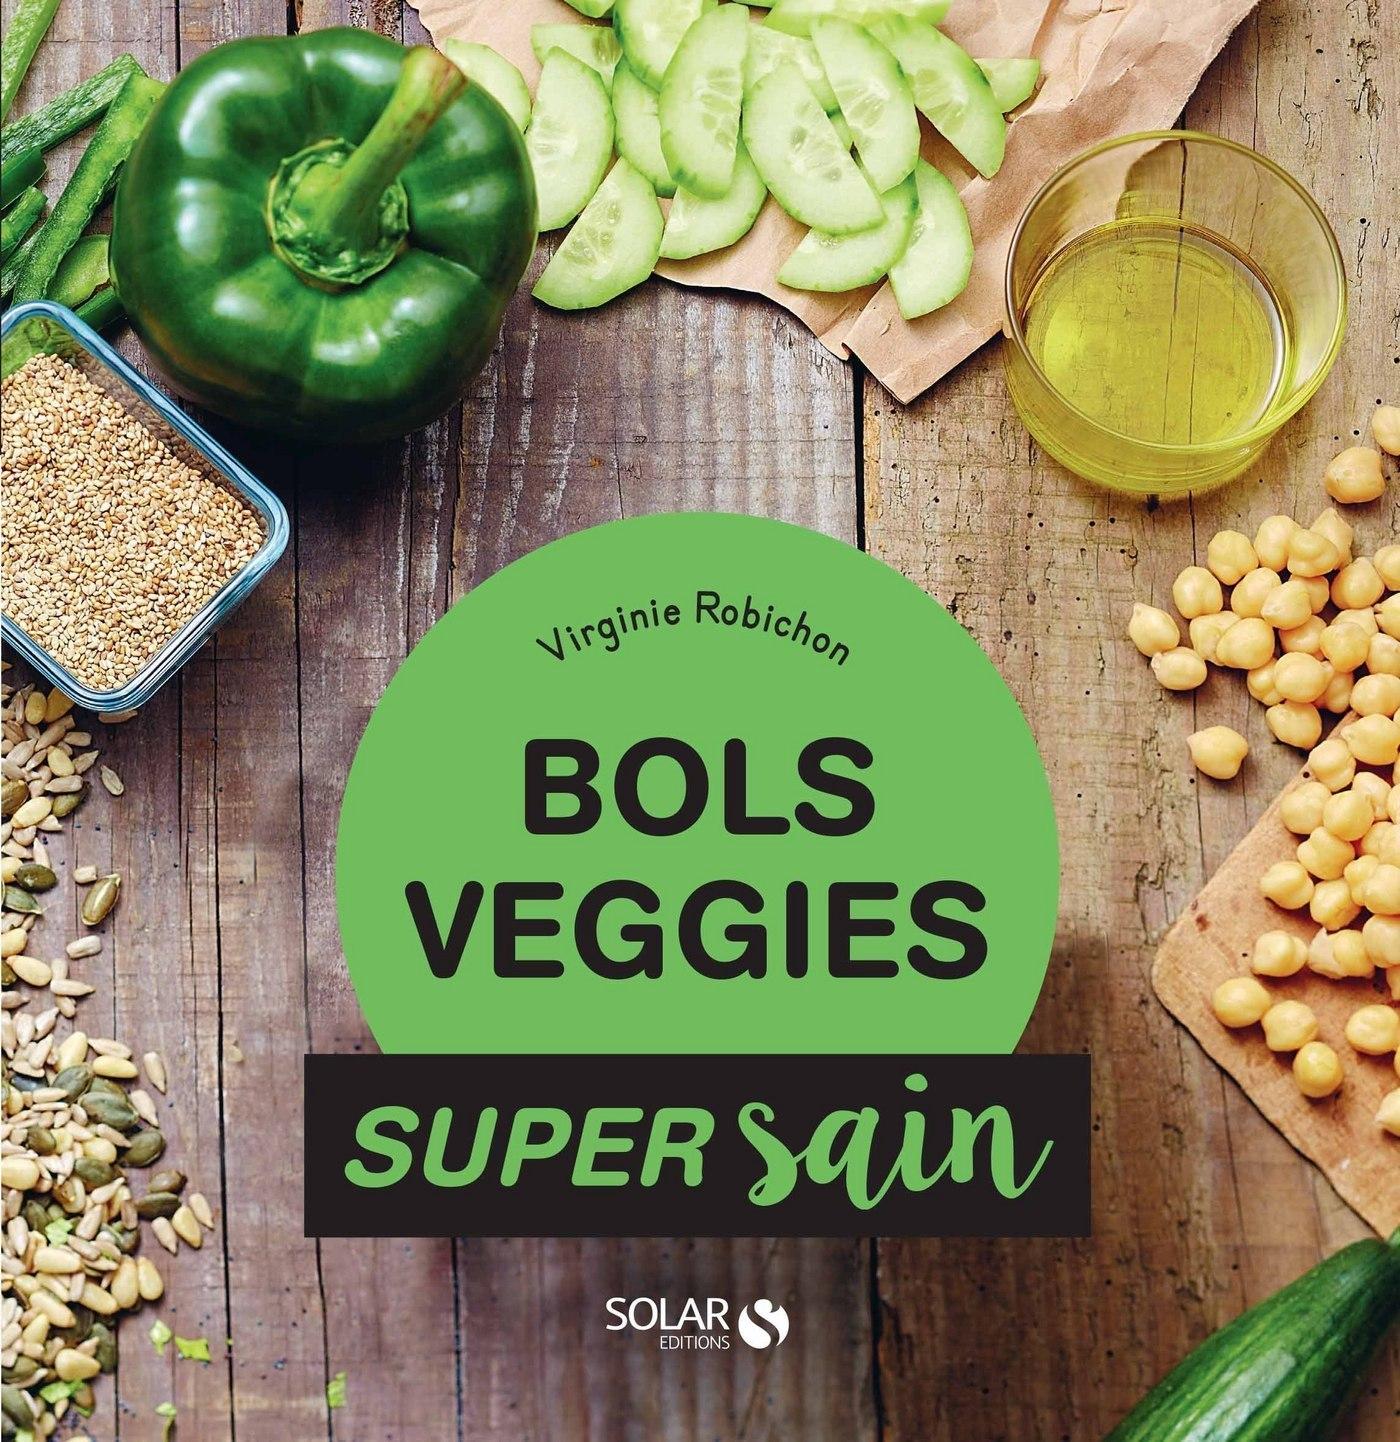 Bols veggies - super sain